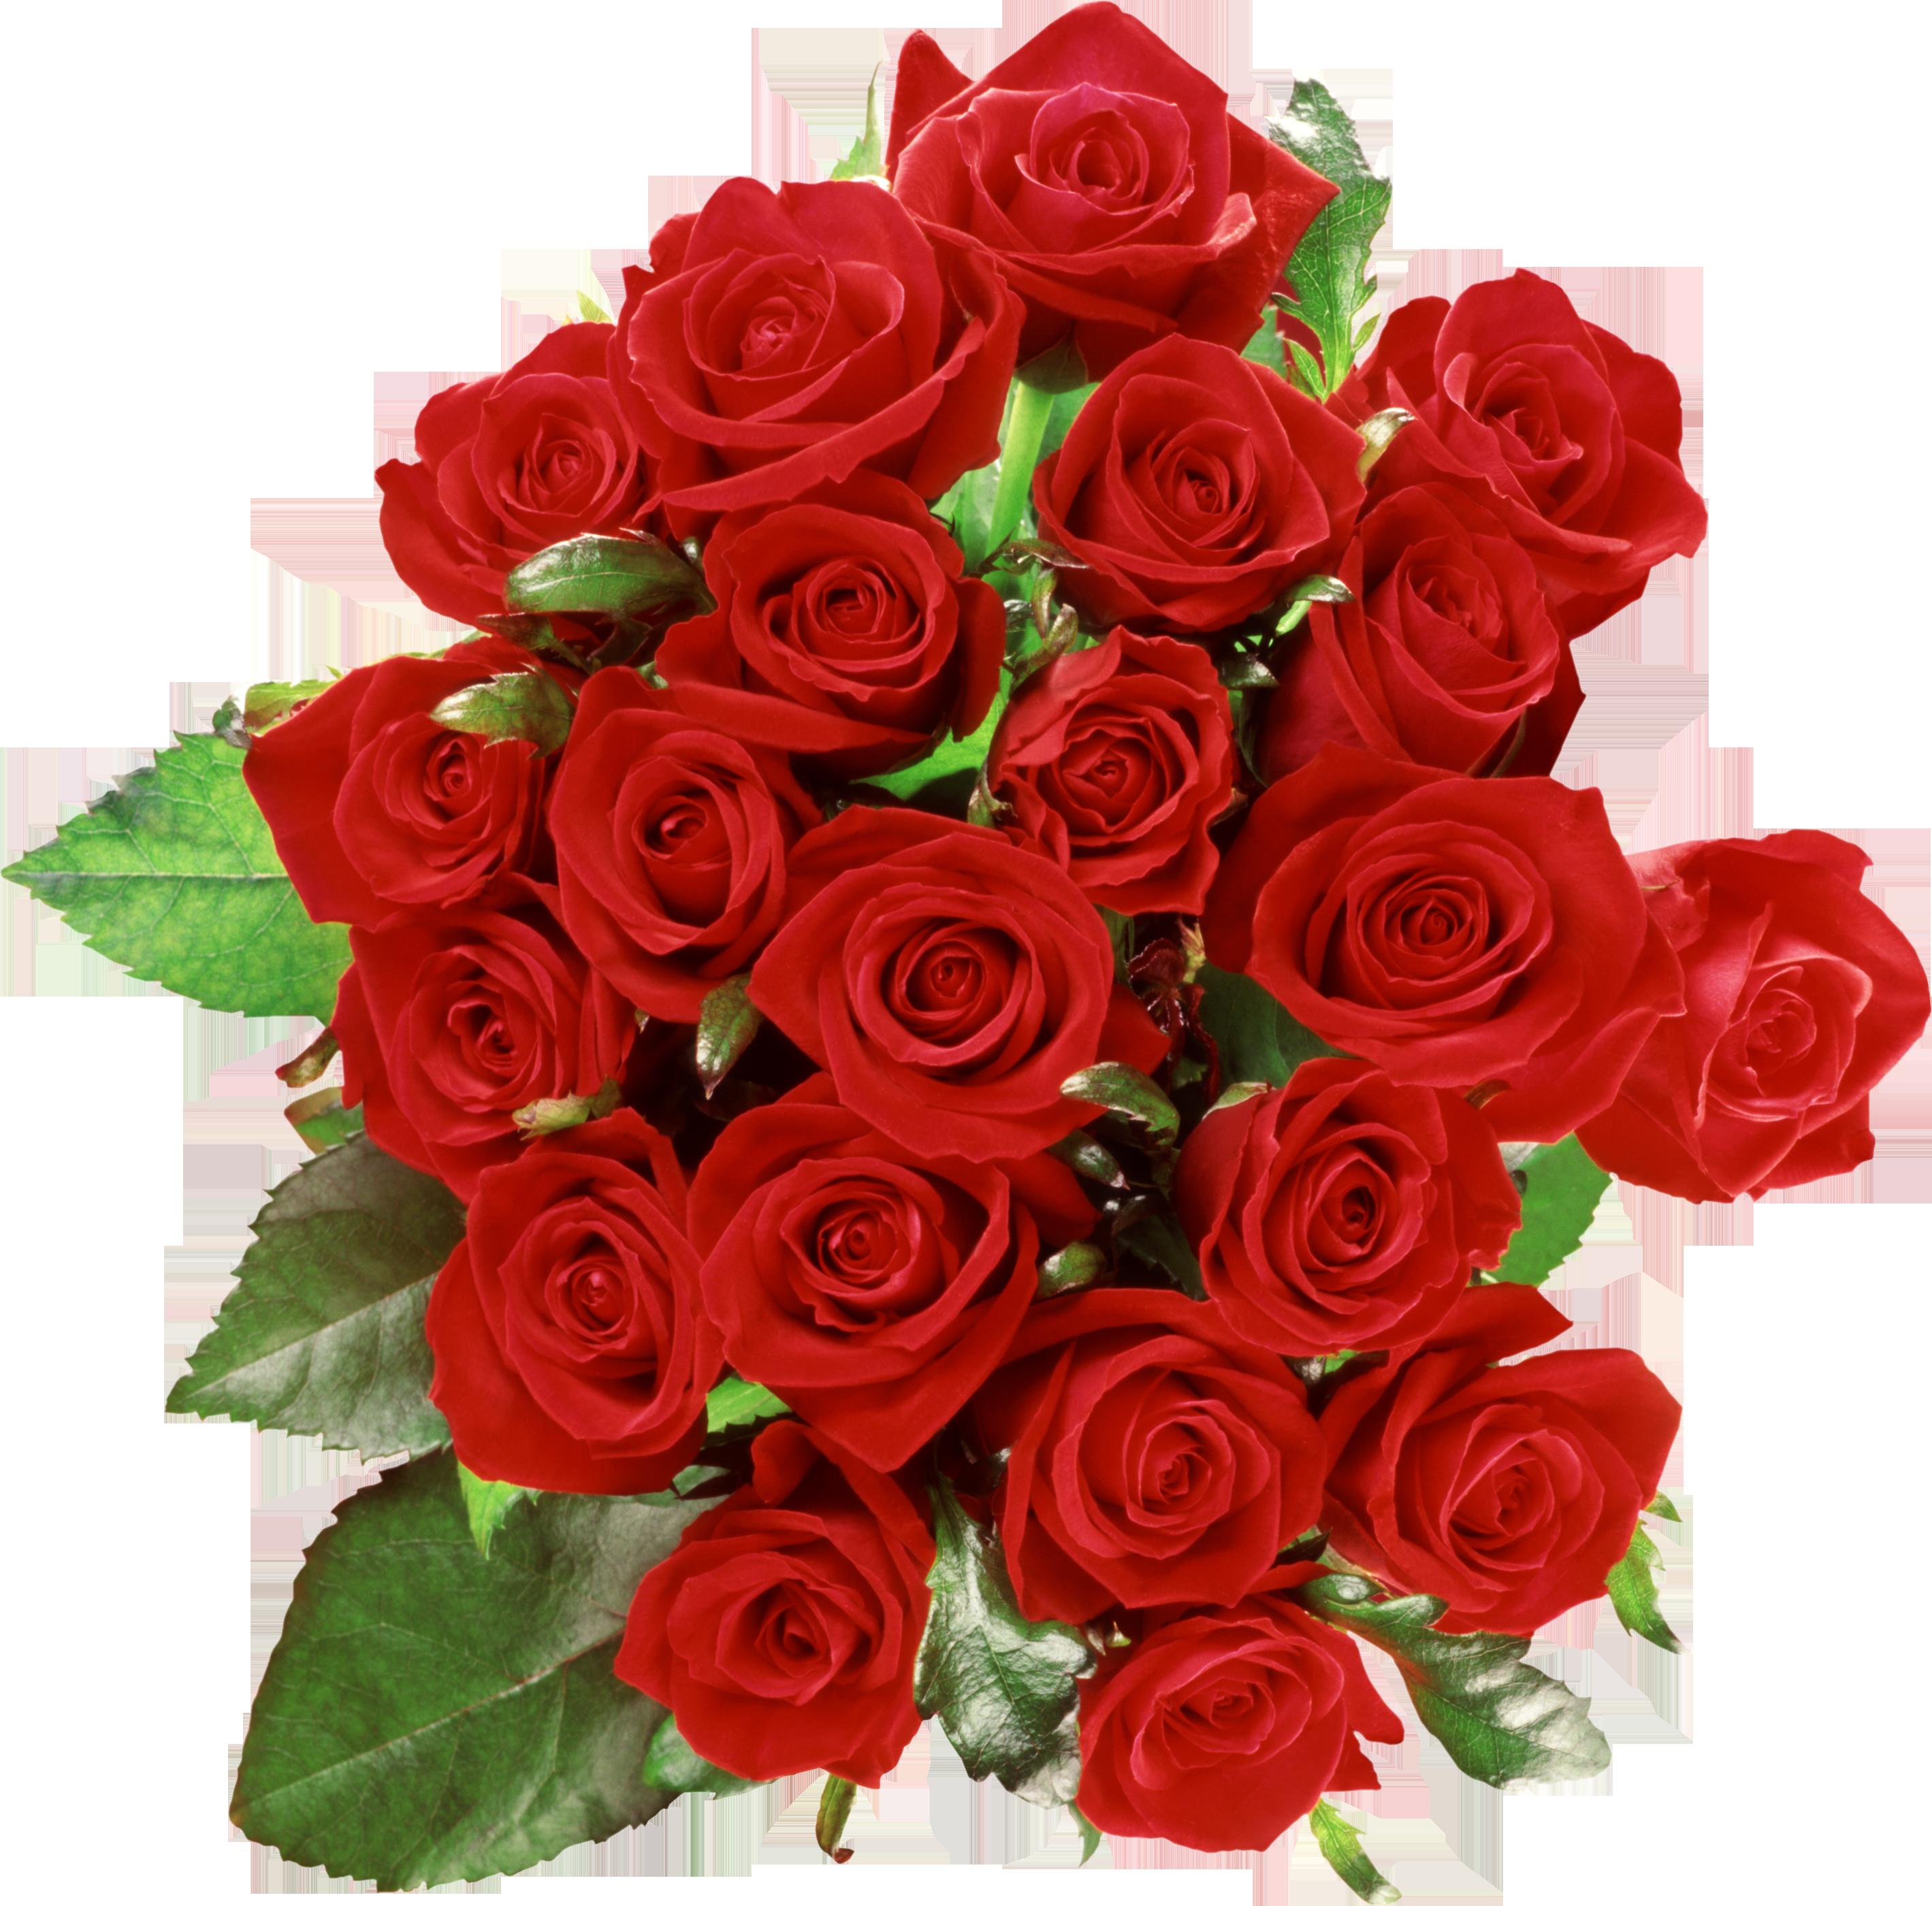 Rose Bouquet Clipart - Clipart Suggest